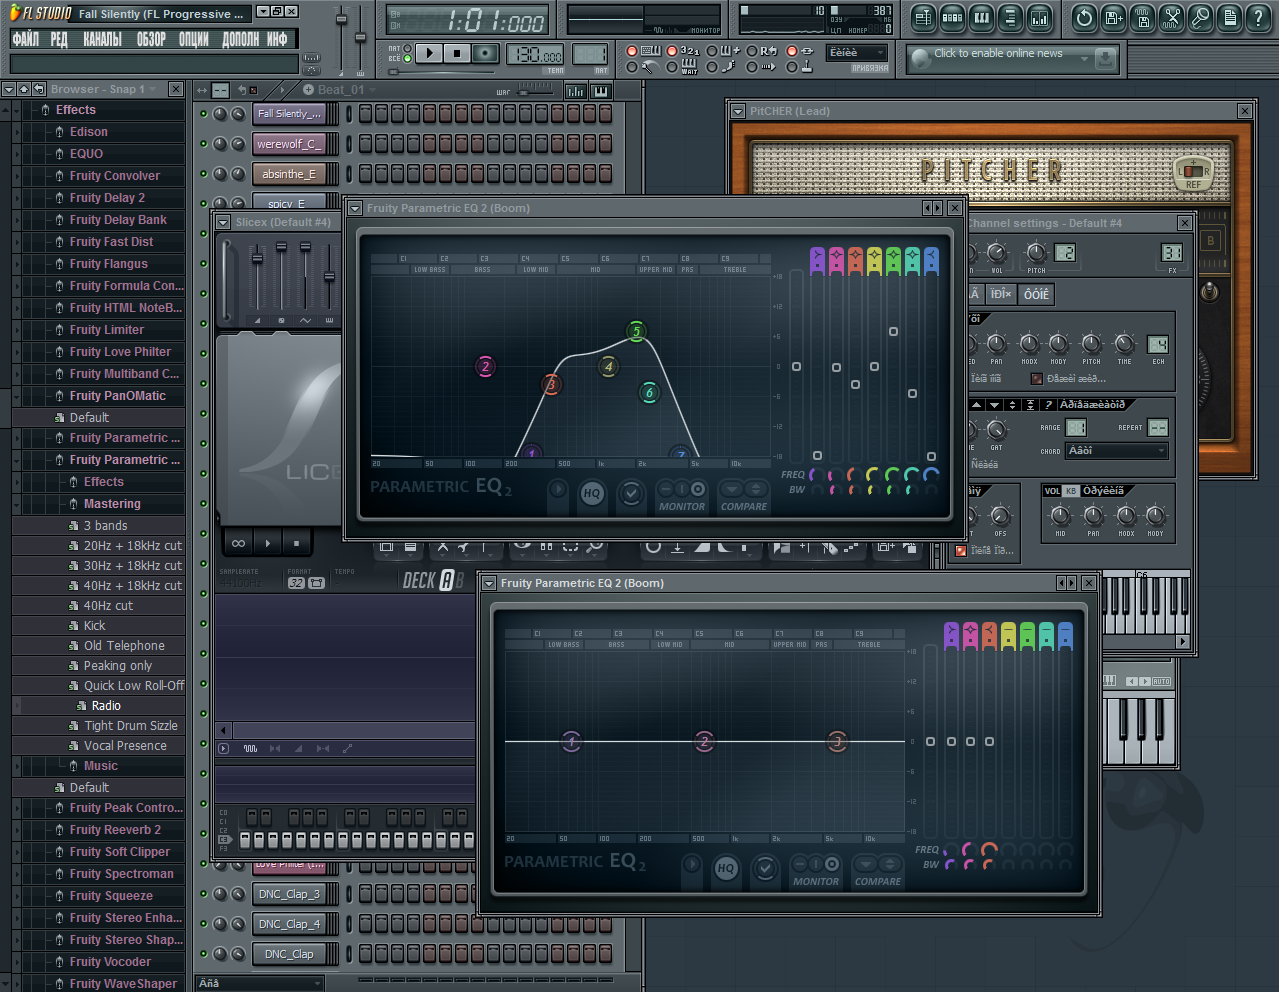 fl studio 12 скачать бесплатно русская версия торрент полная версия